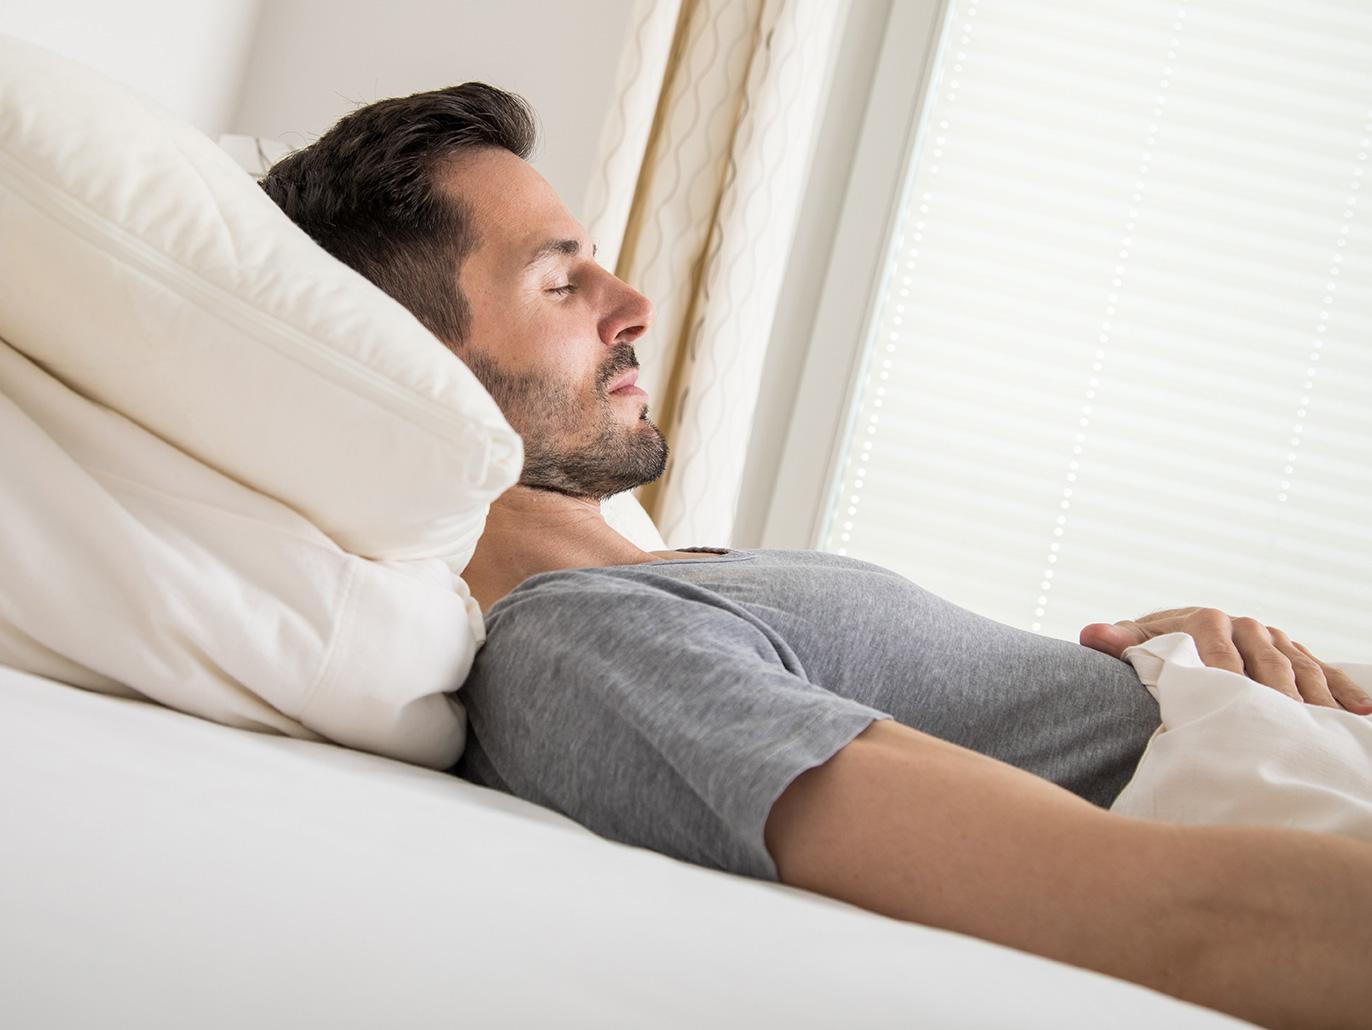 النوم على الظهر شخص منفتح ويشعر بالأمان